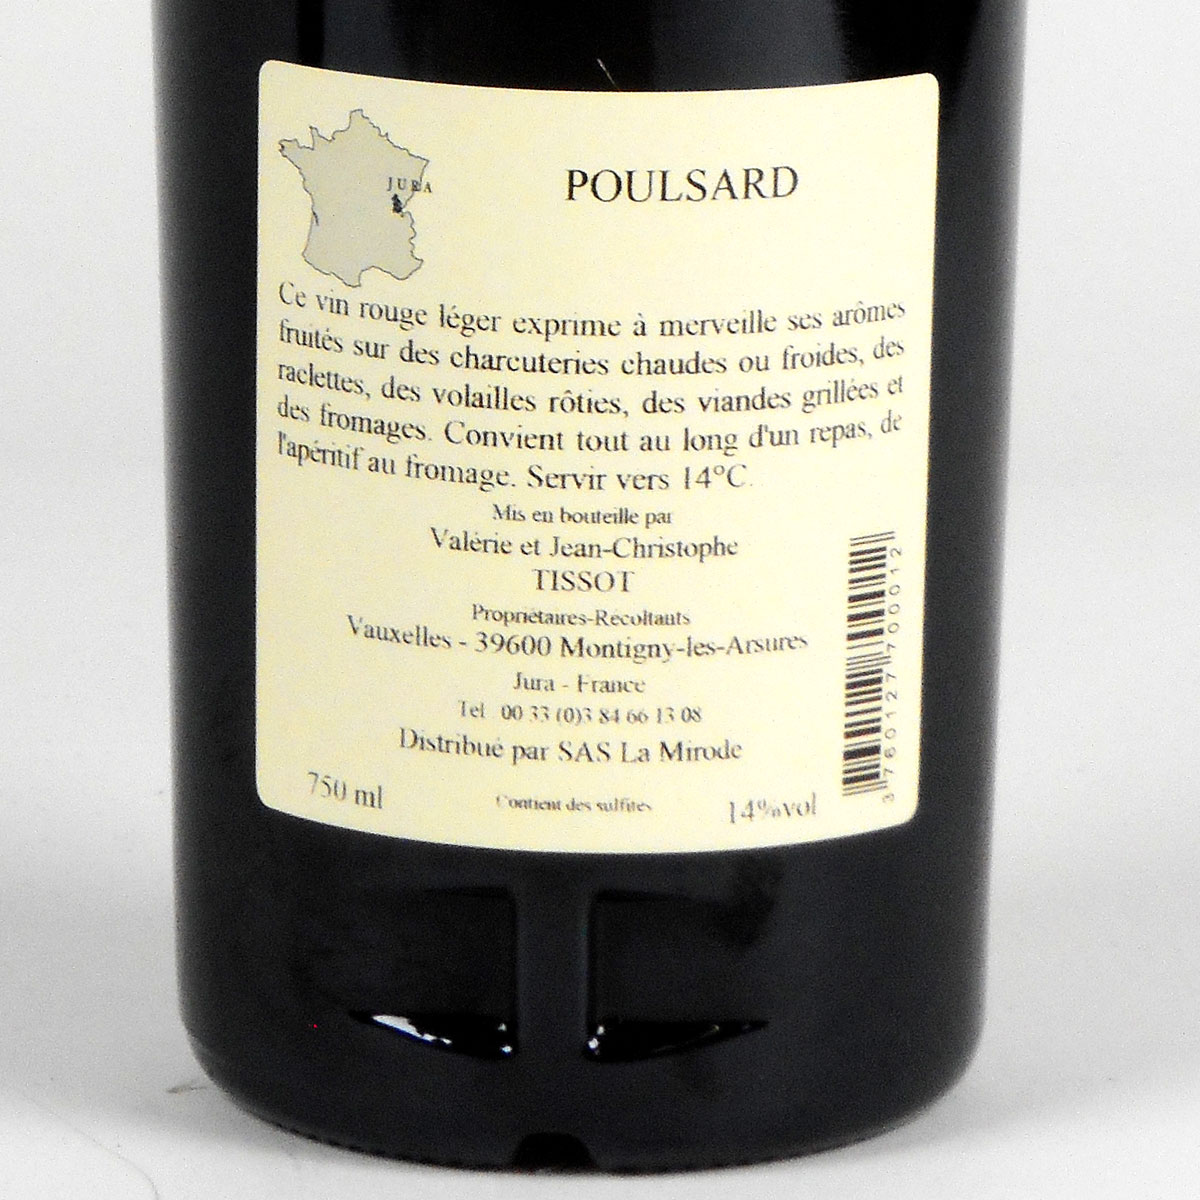 Jura Arbois: Poulsard Domaine Jean-Louis Tissot 2018 - Bottle Rear Label